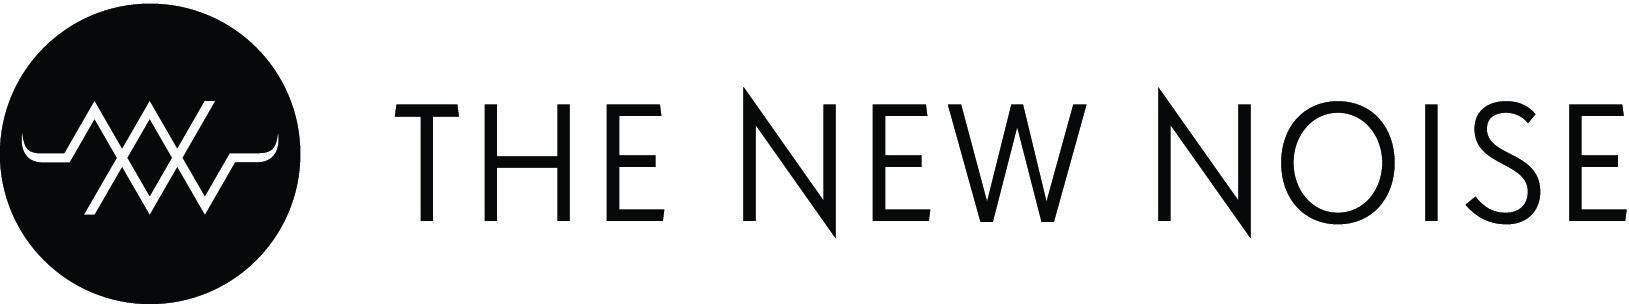 TNN_logo02 jpg (1)